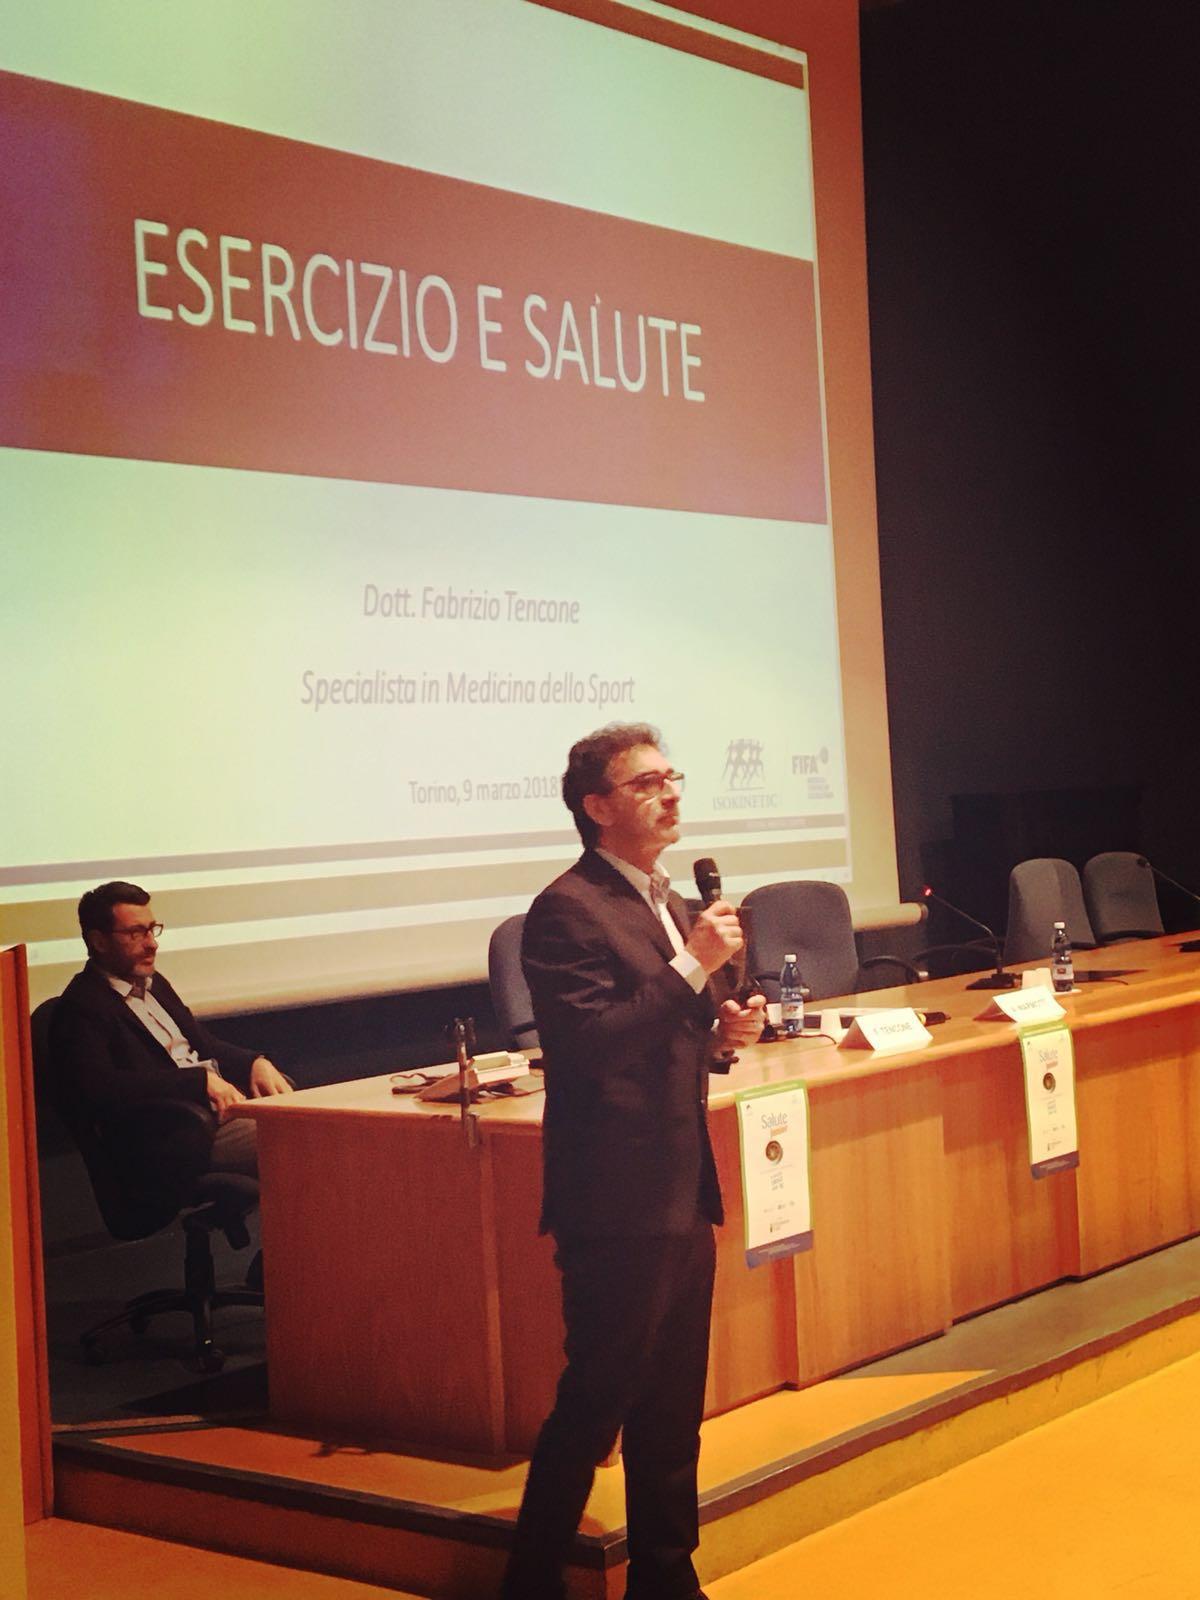 Esercizio e Salute – Ospedale Molinette, Dr. Tencone